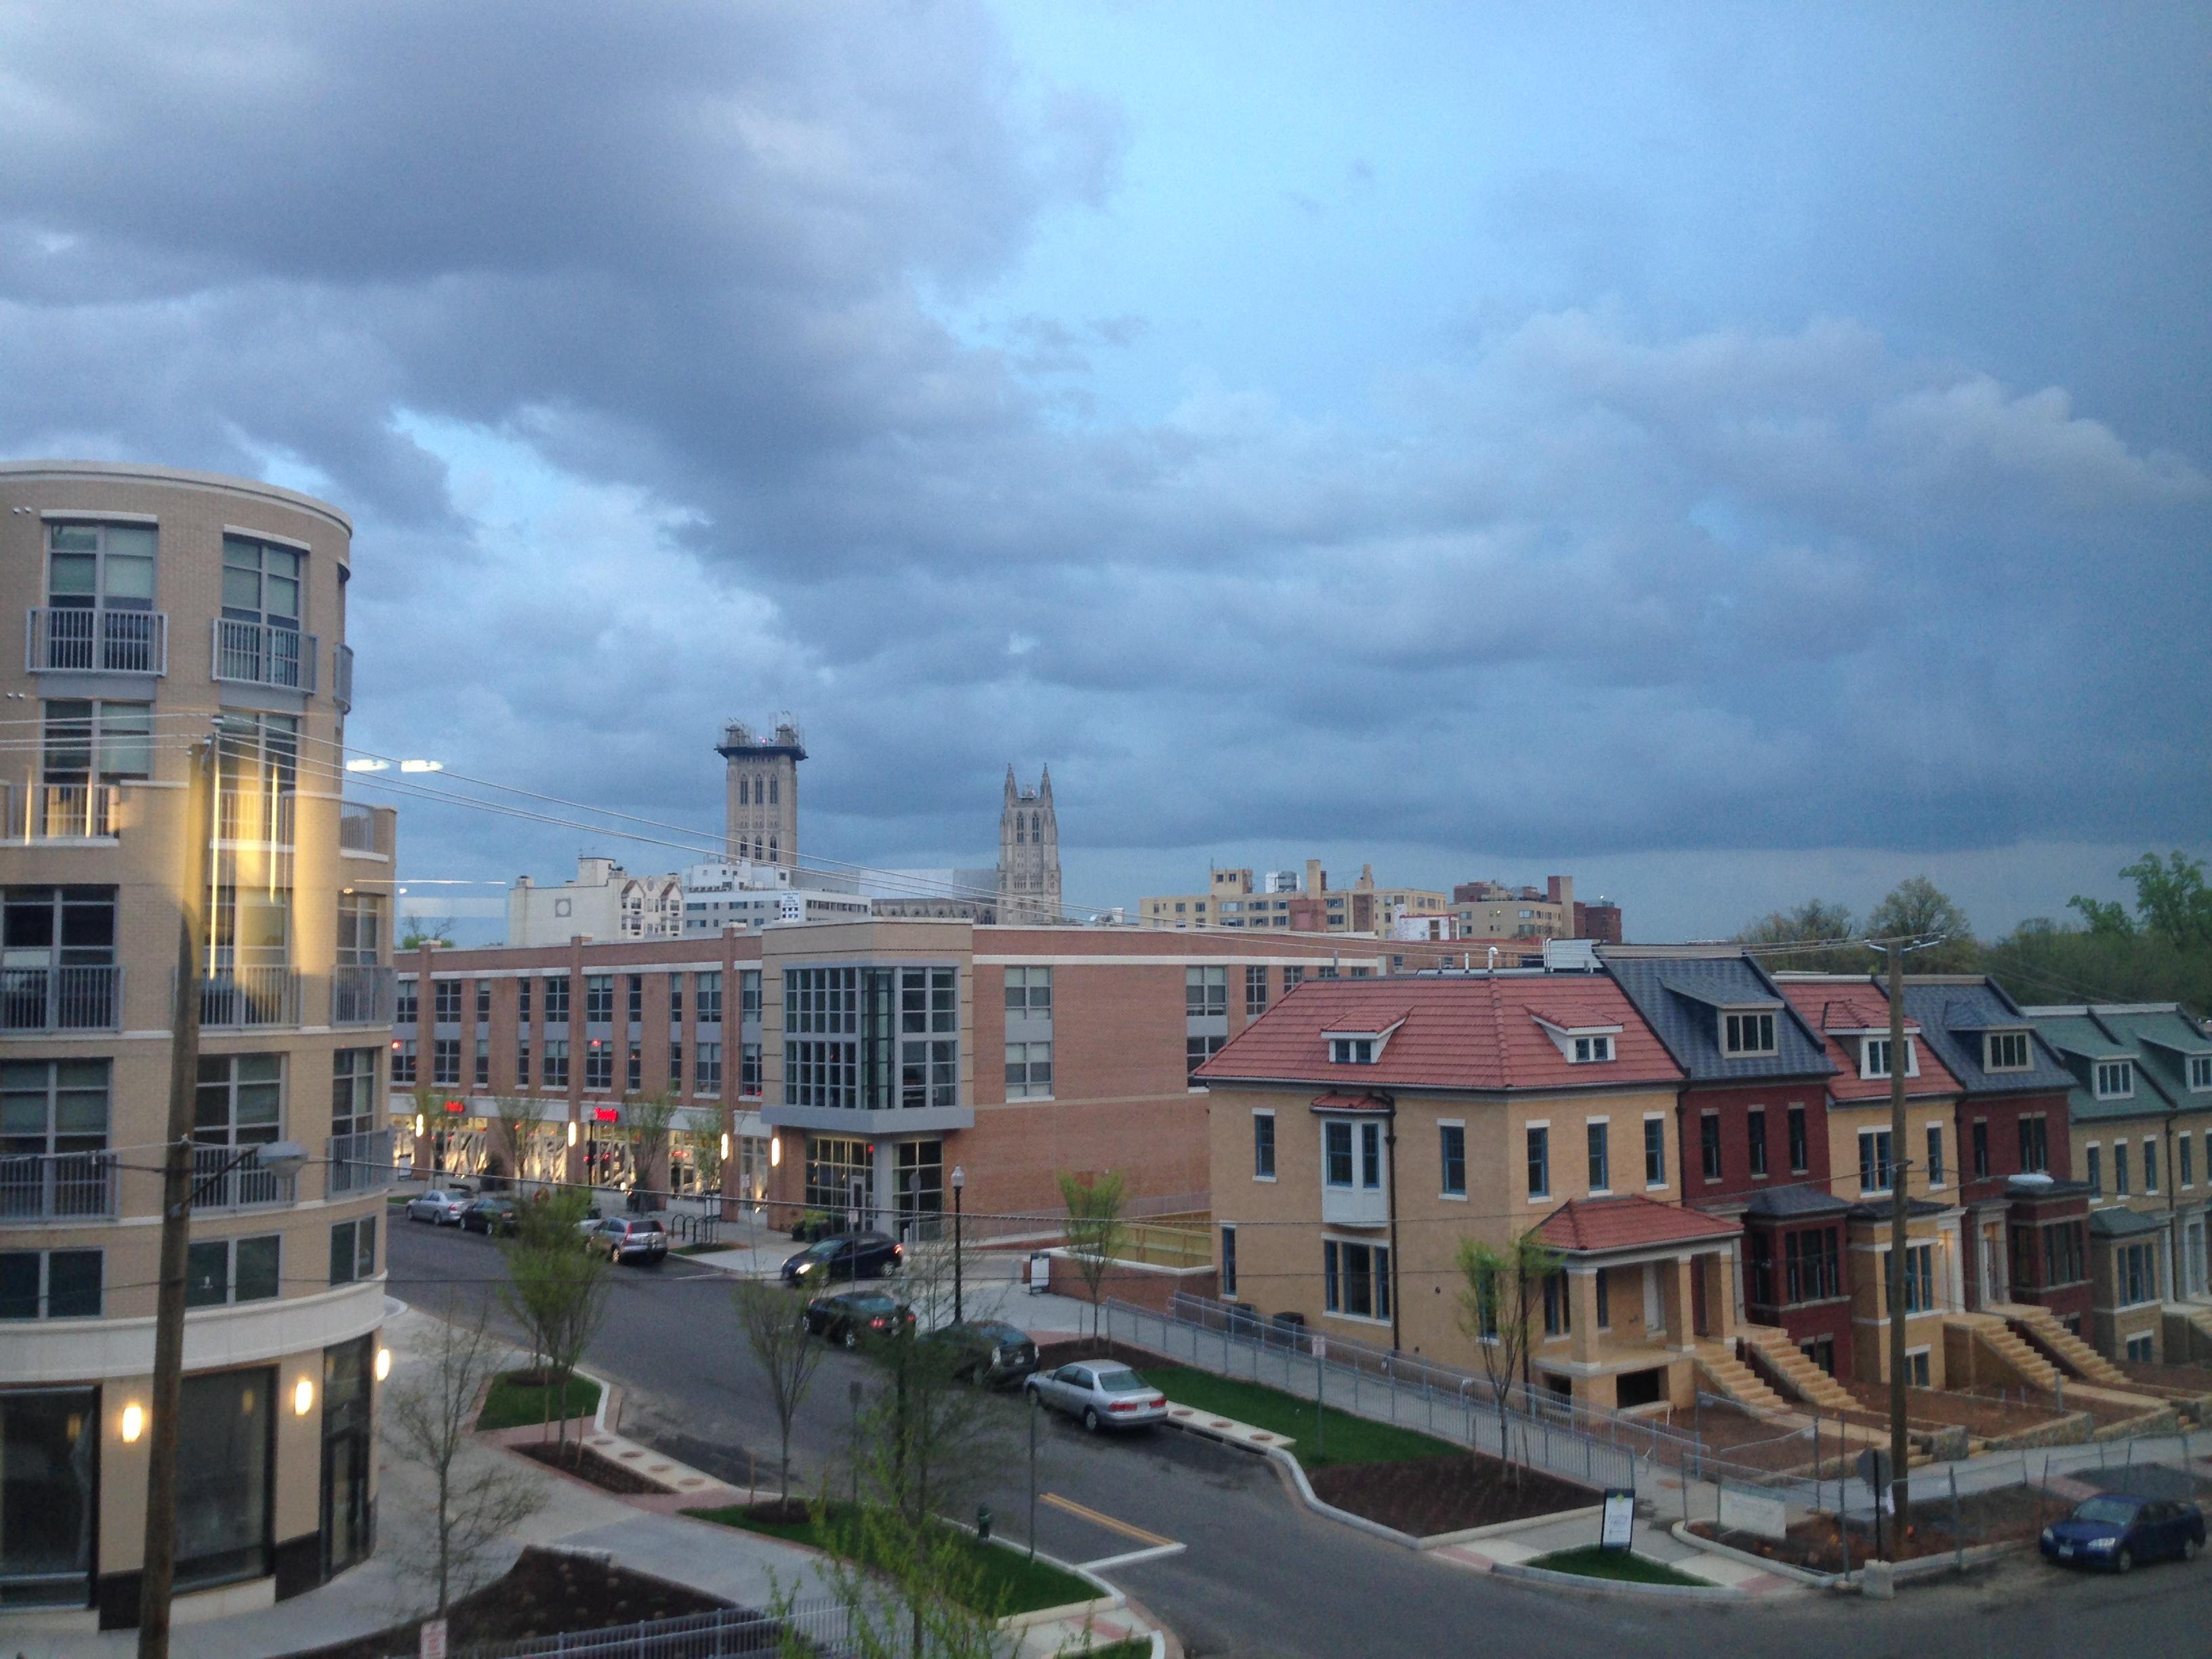 Gallery: Stormy skies, rainbows hit D.C.